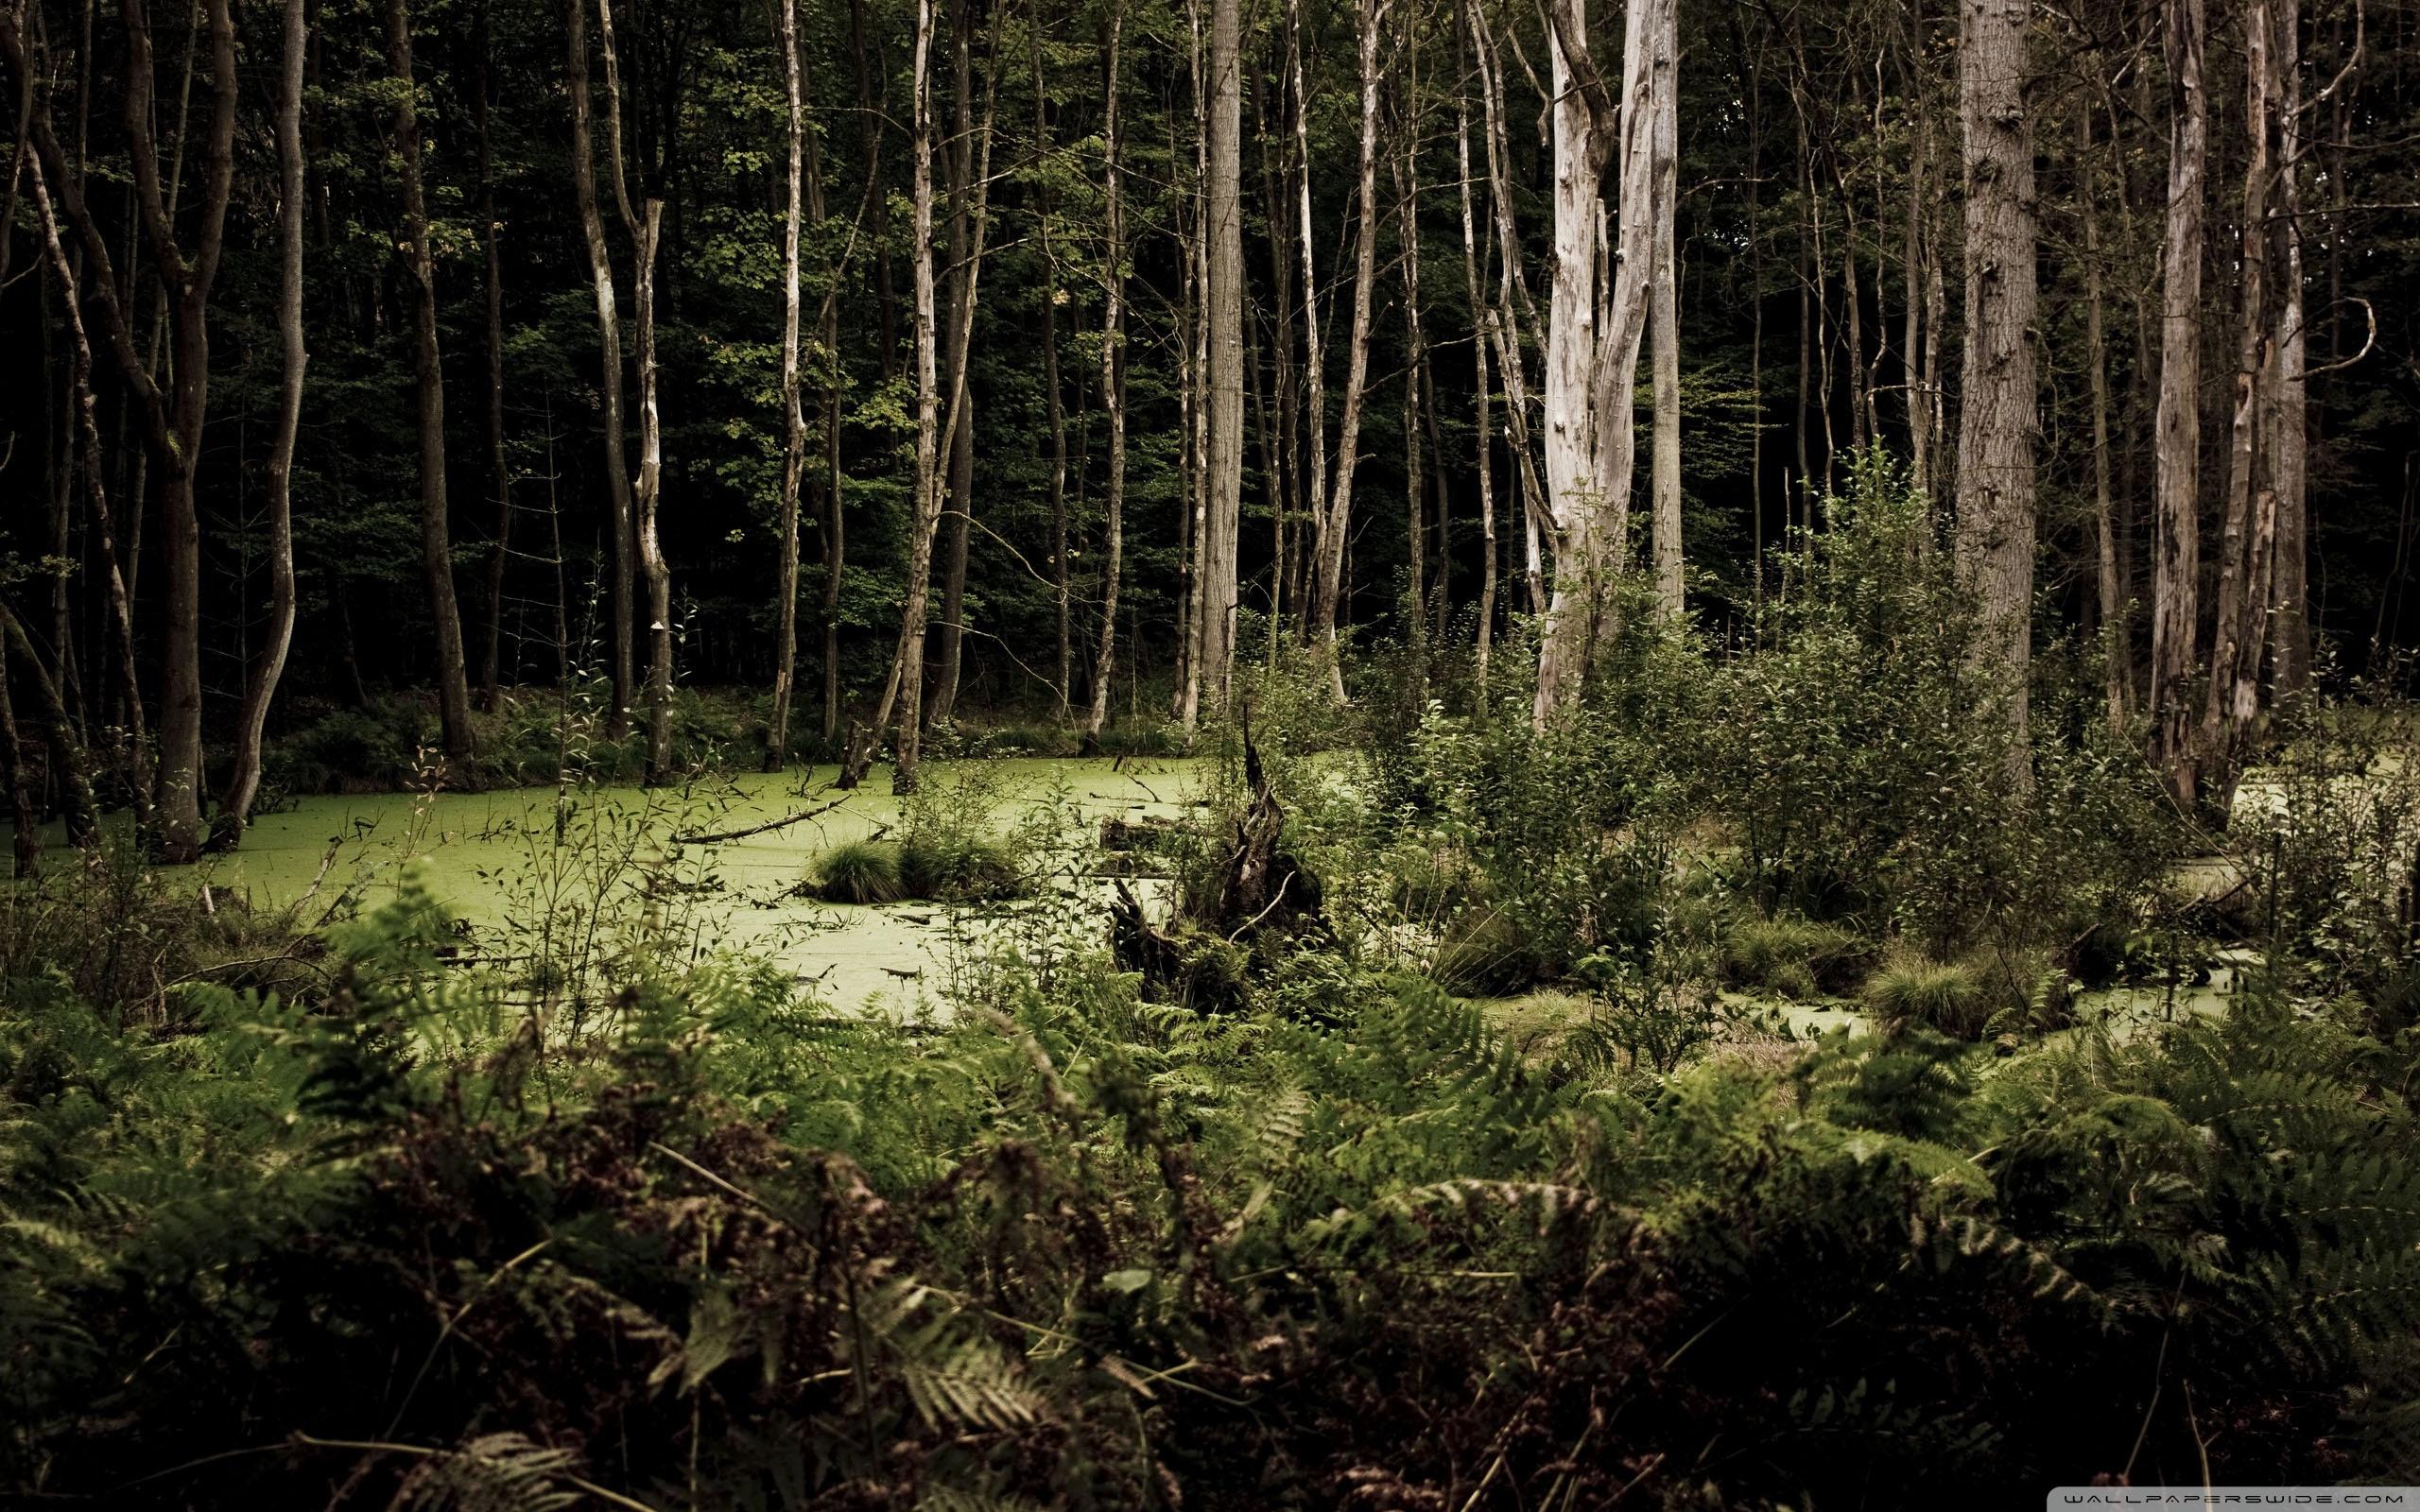 Swamp Wallpaper HD